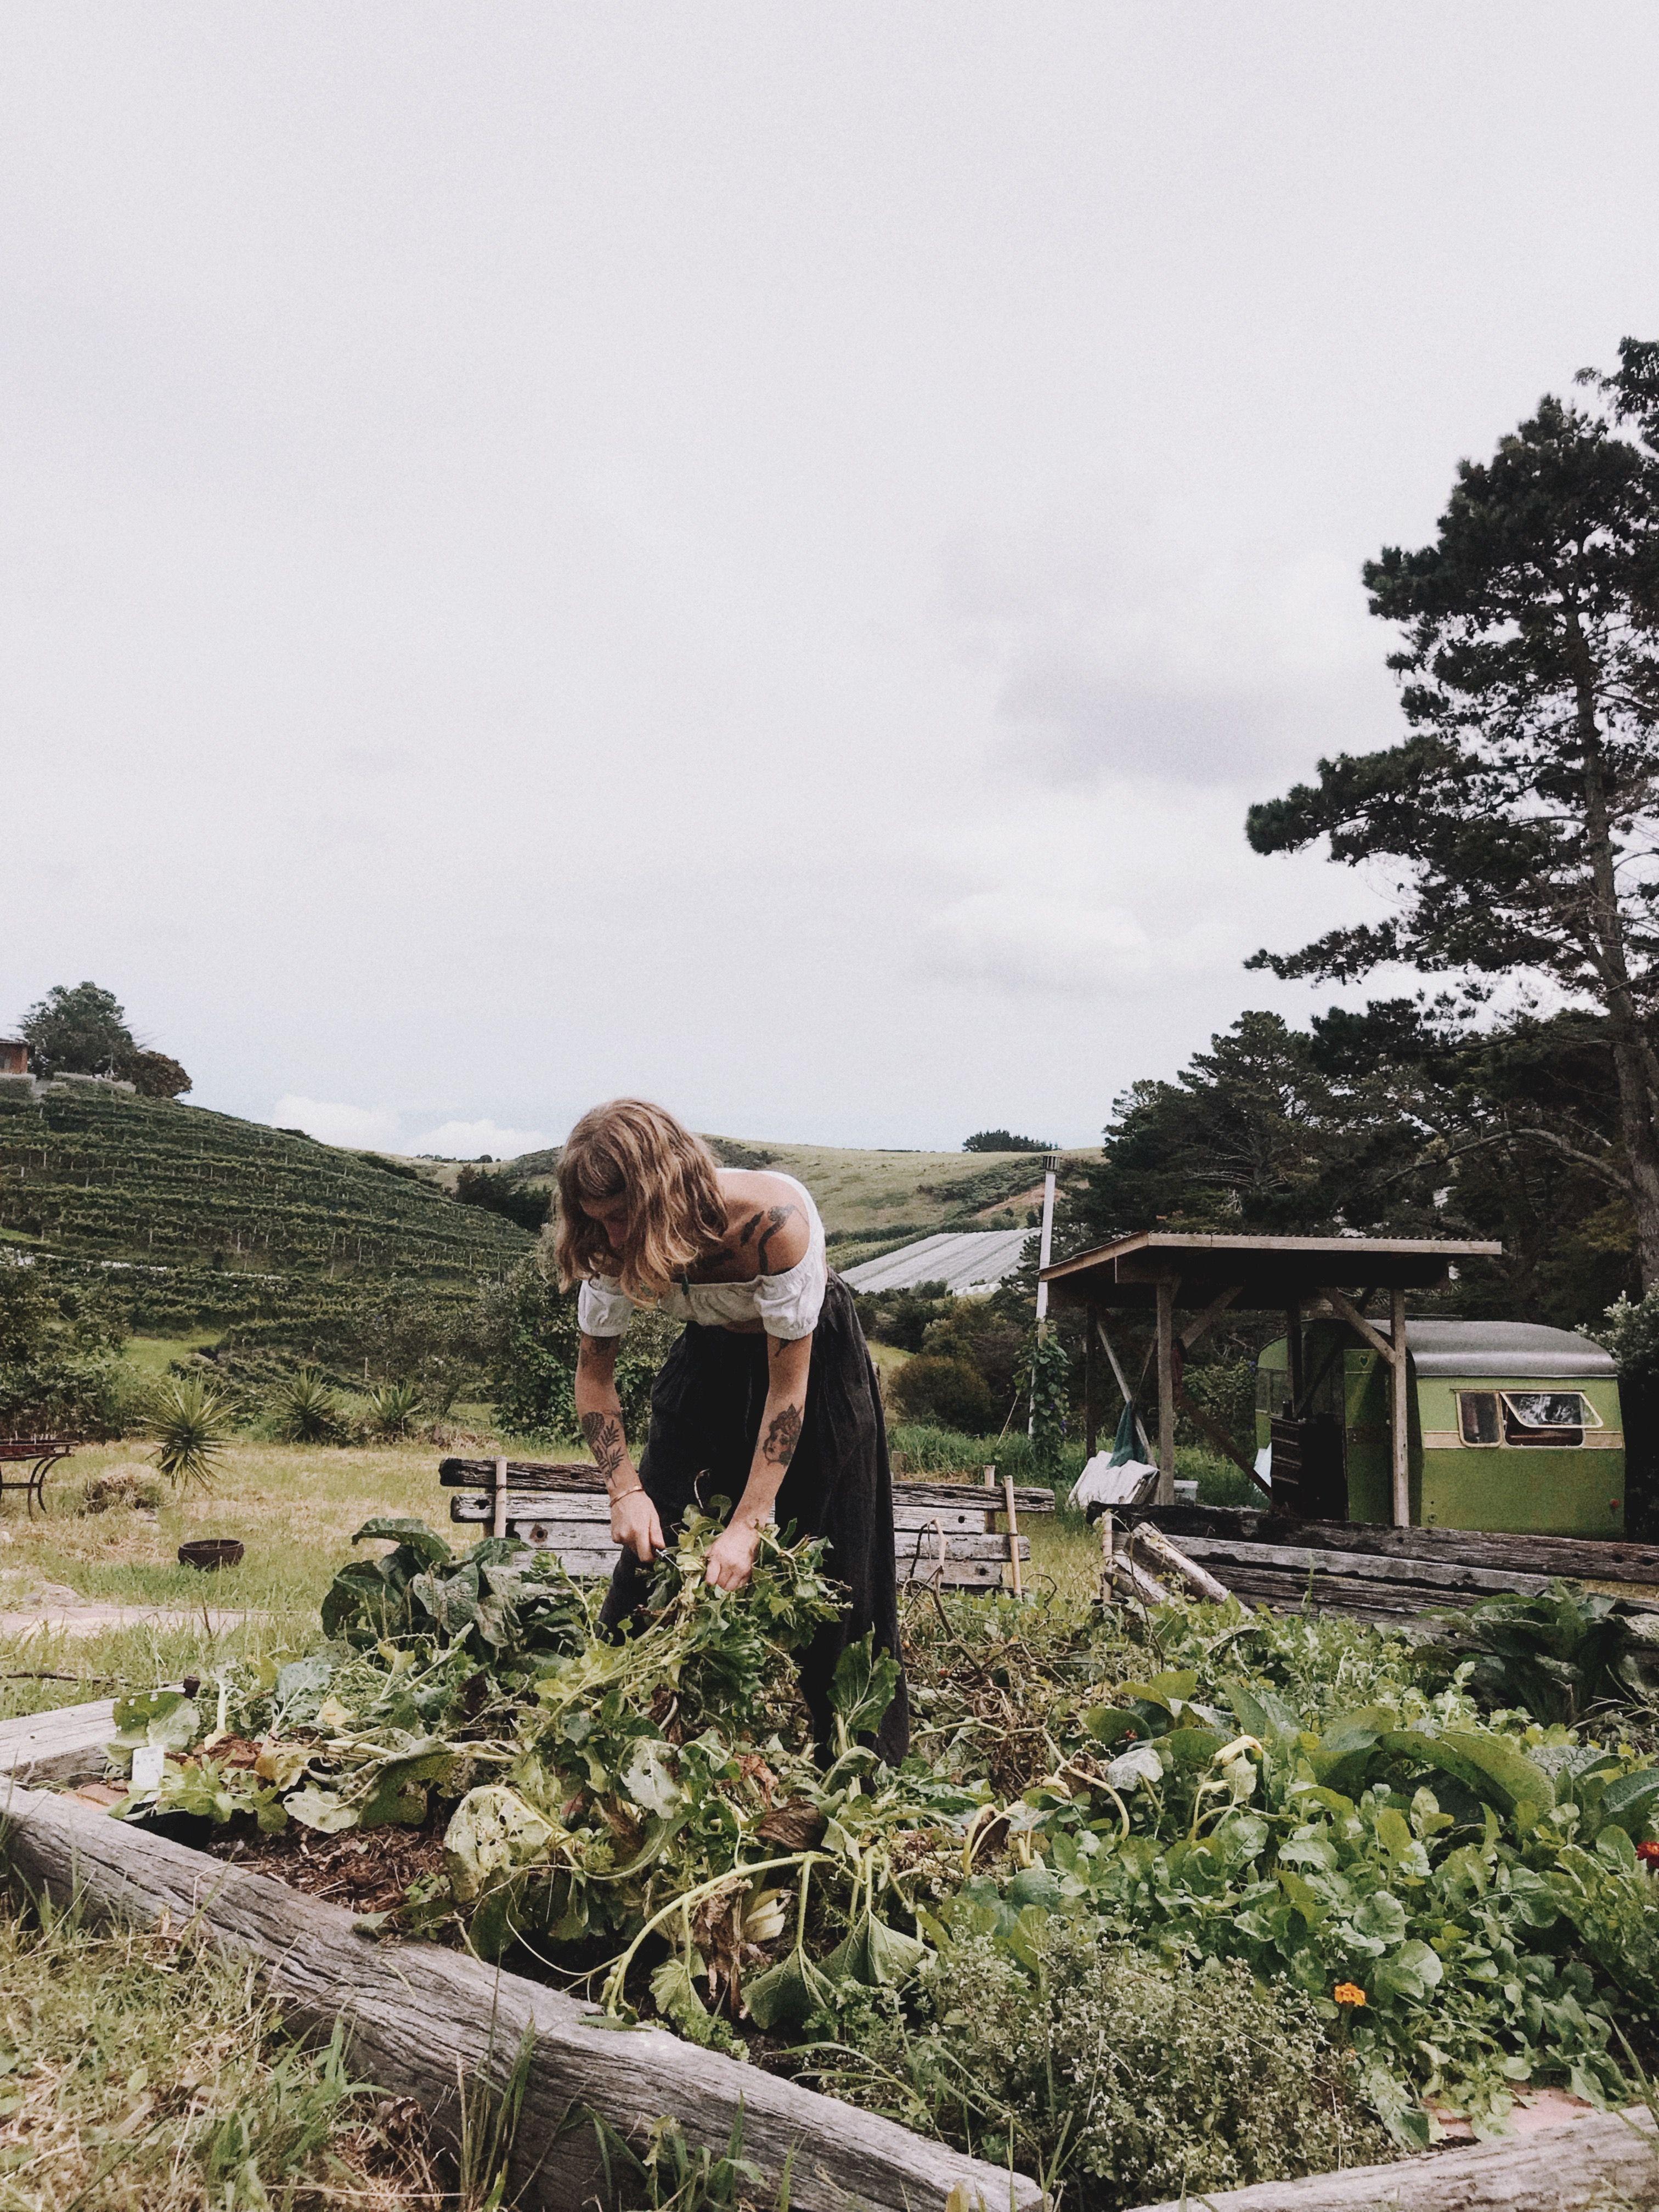 Nurturing Baby Backyard Ferns Newzealand Farm Lifestyle Dream